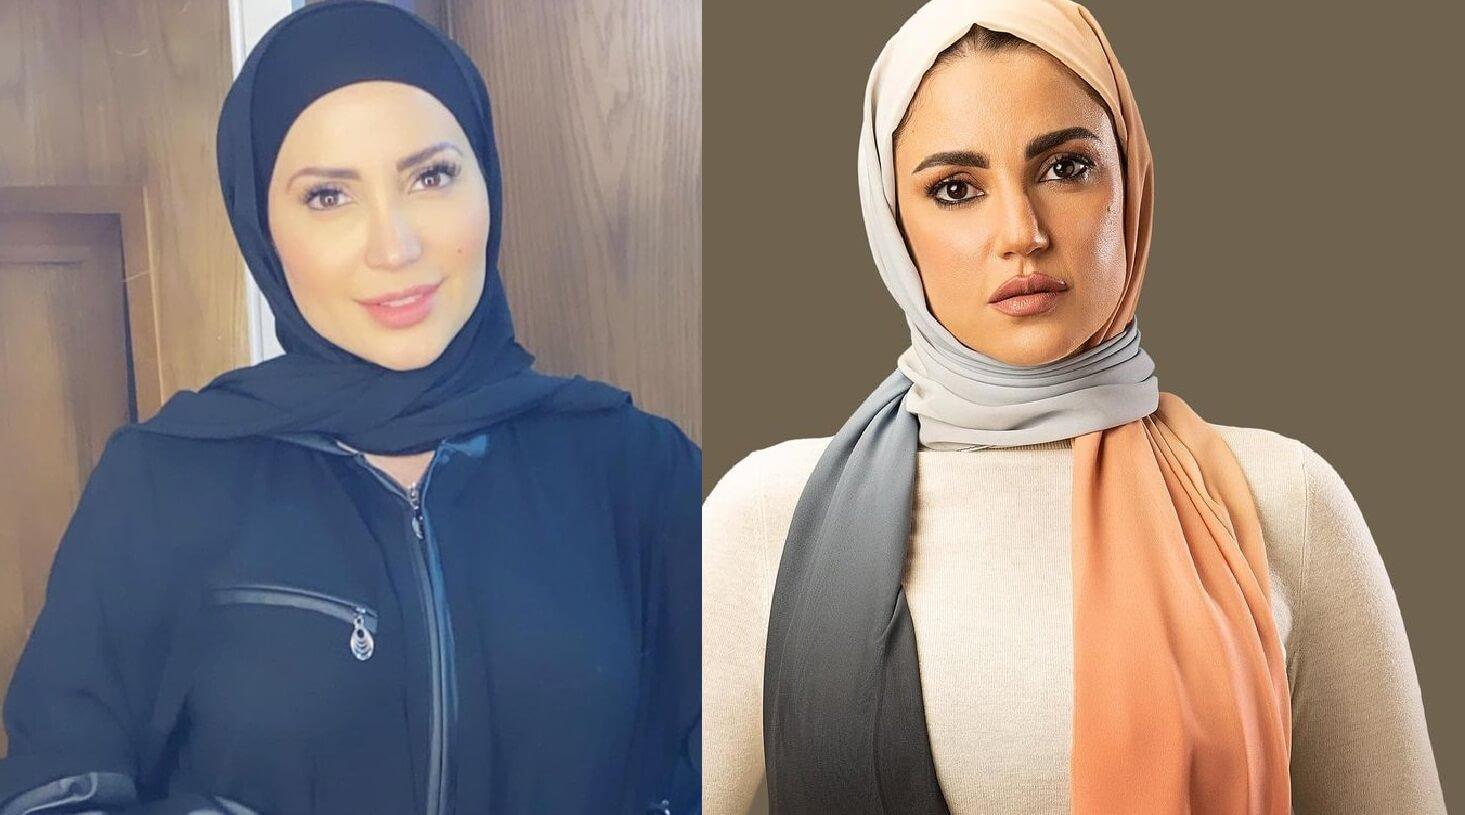 الحجاب يجمع النجمات في مسلسلات رمضان 2021